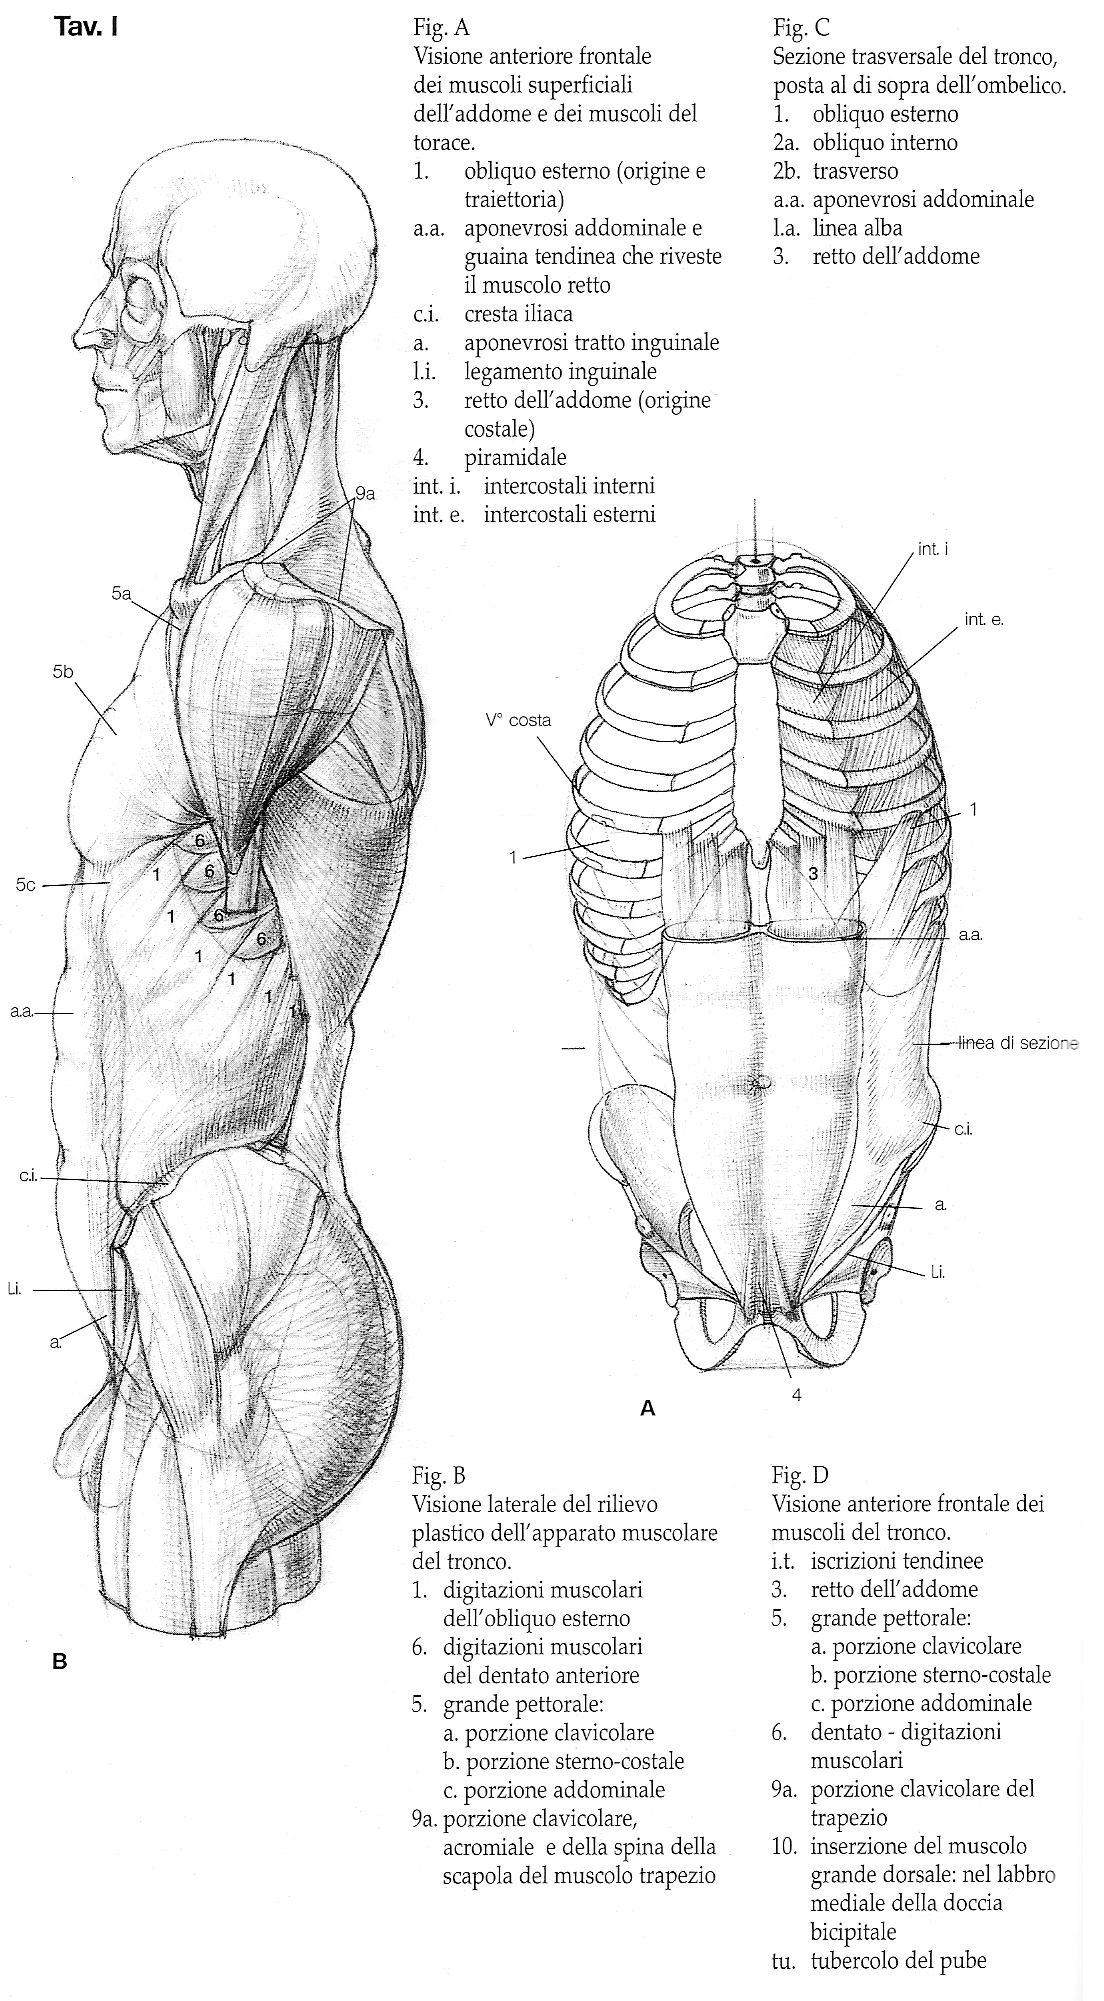 Anatomía | Diseño Gráfico | Pinterest | Anatomía, Anatomía humana y ...